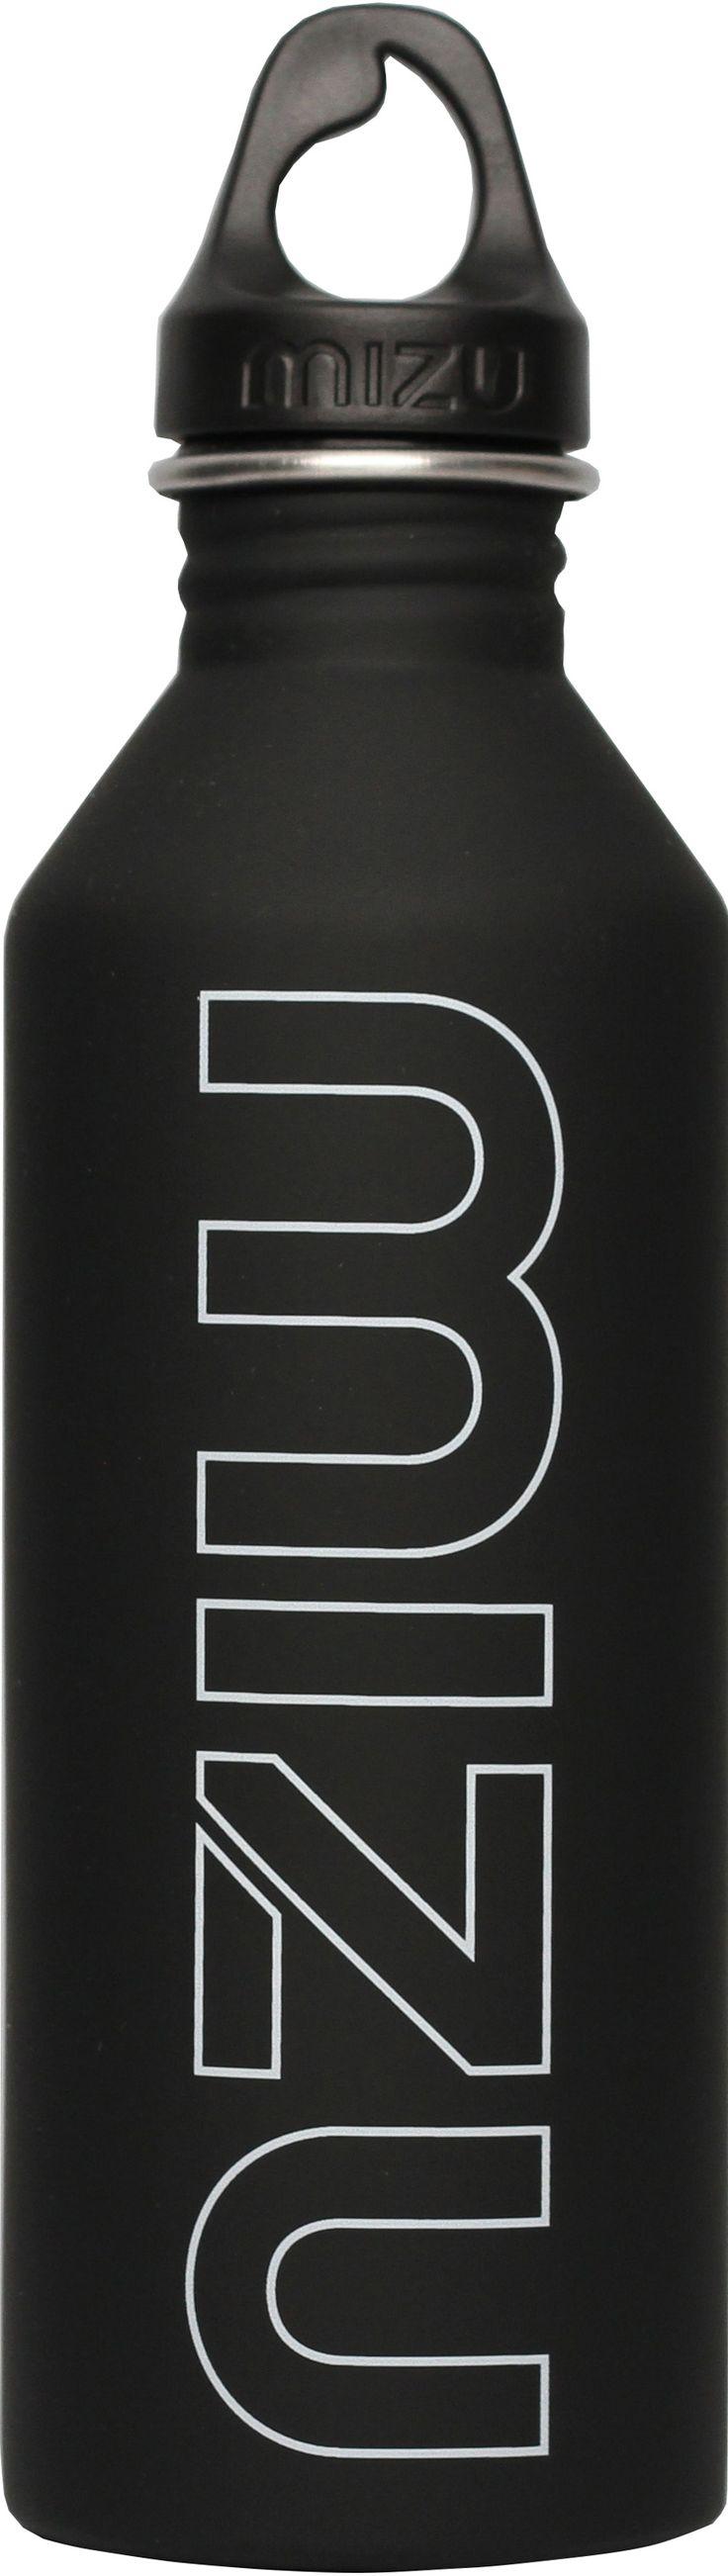 Black Mizu Bottle